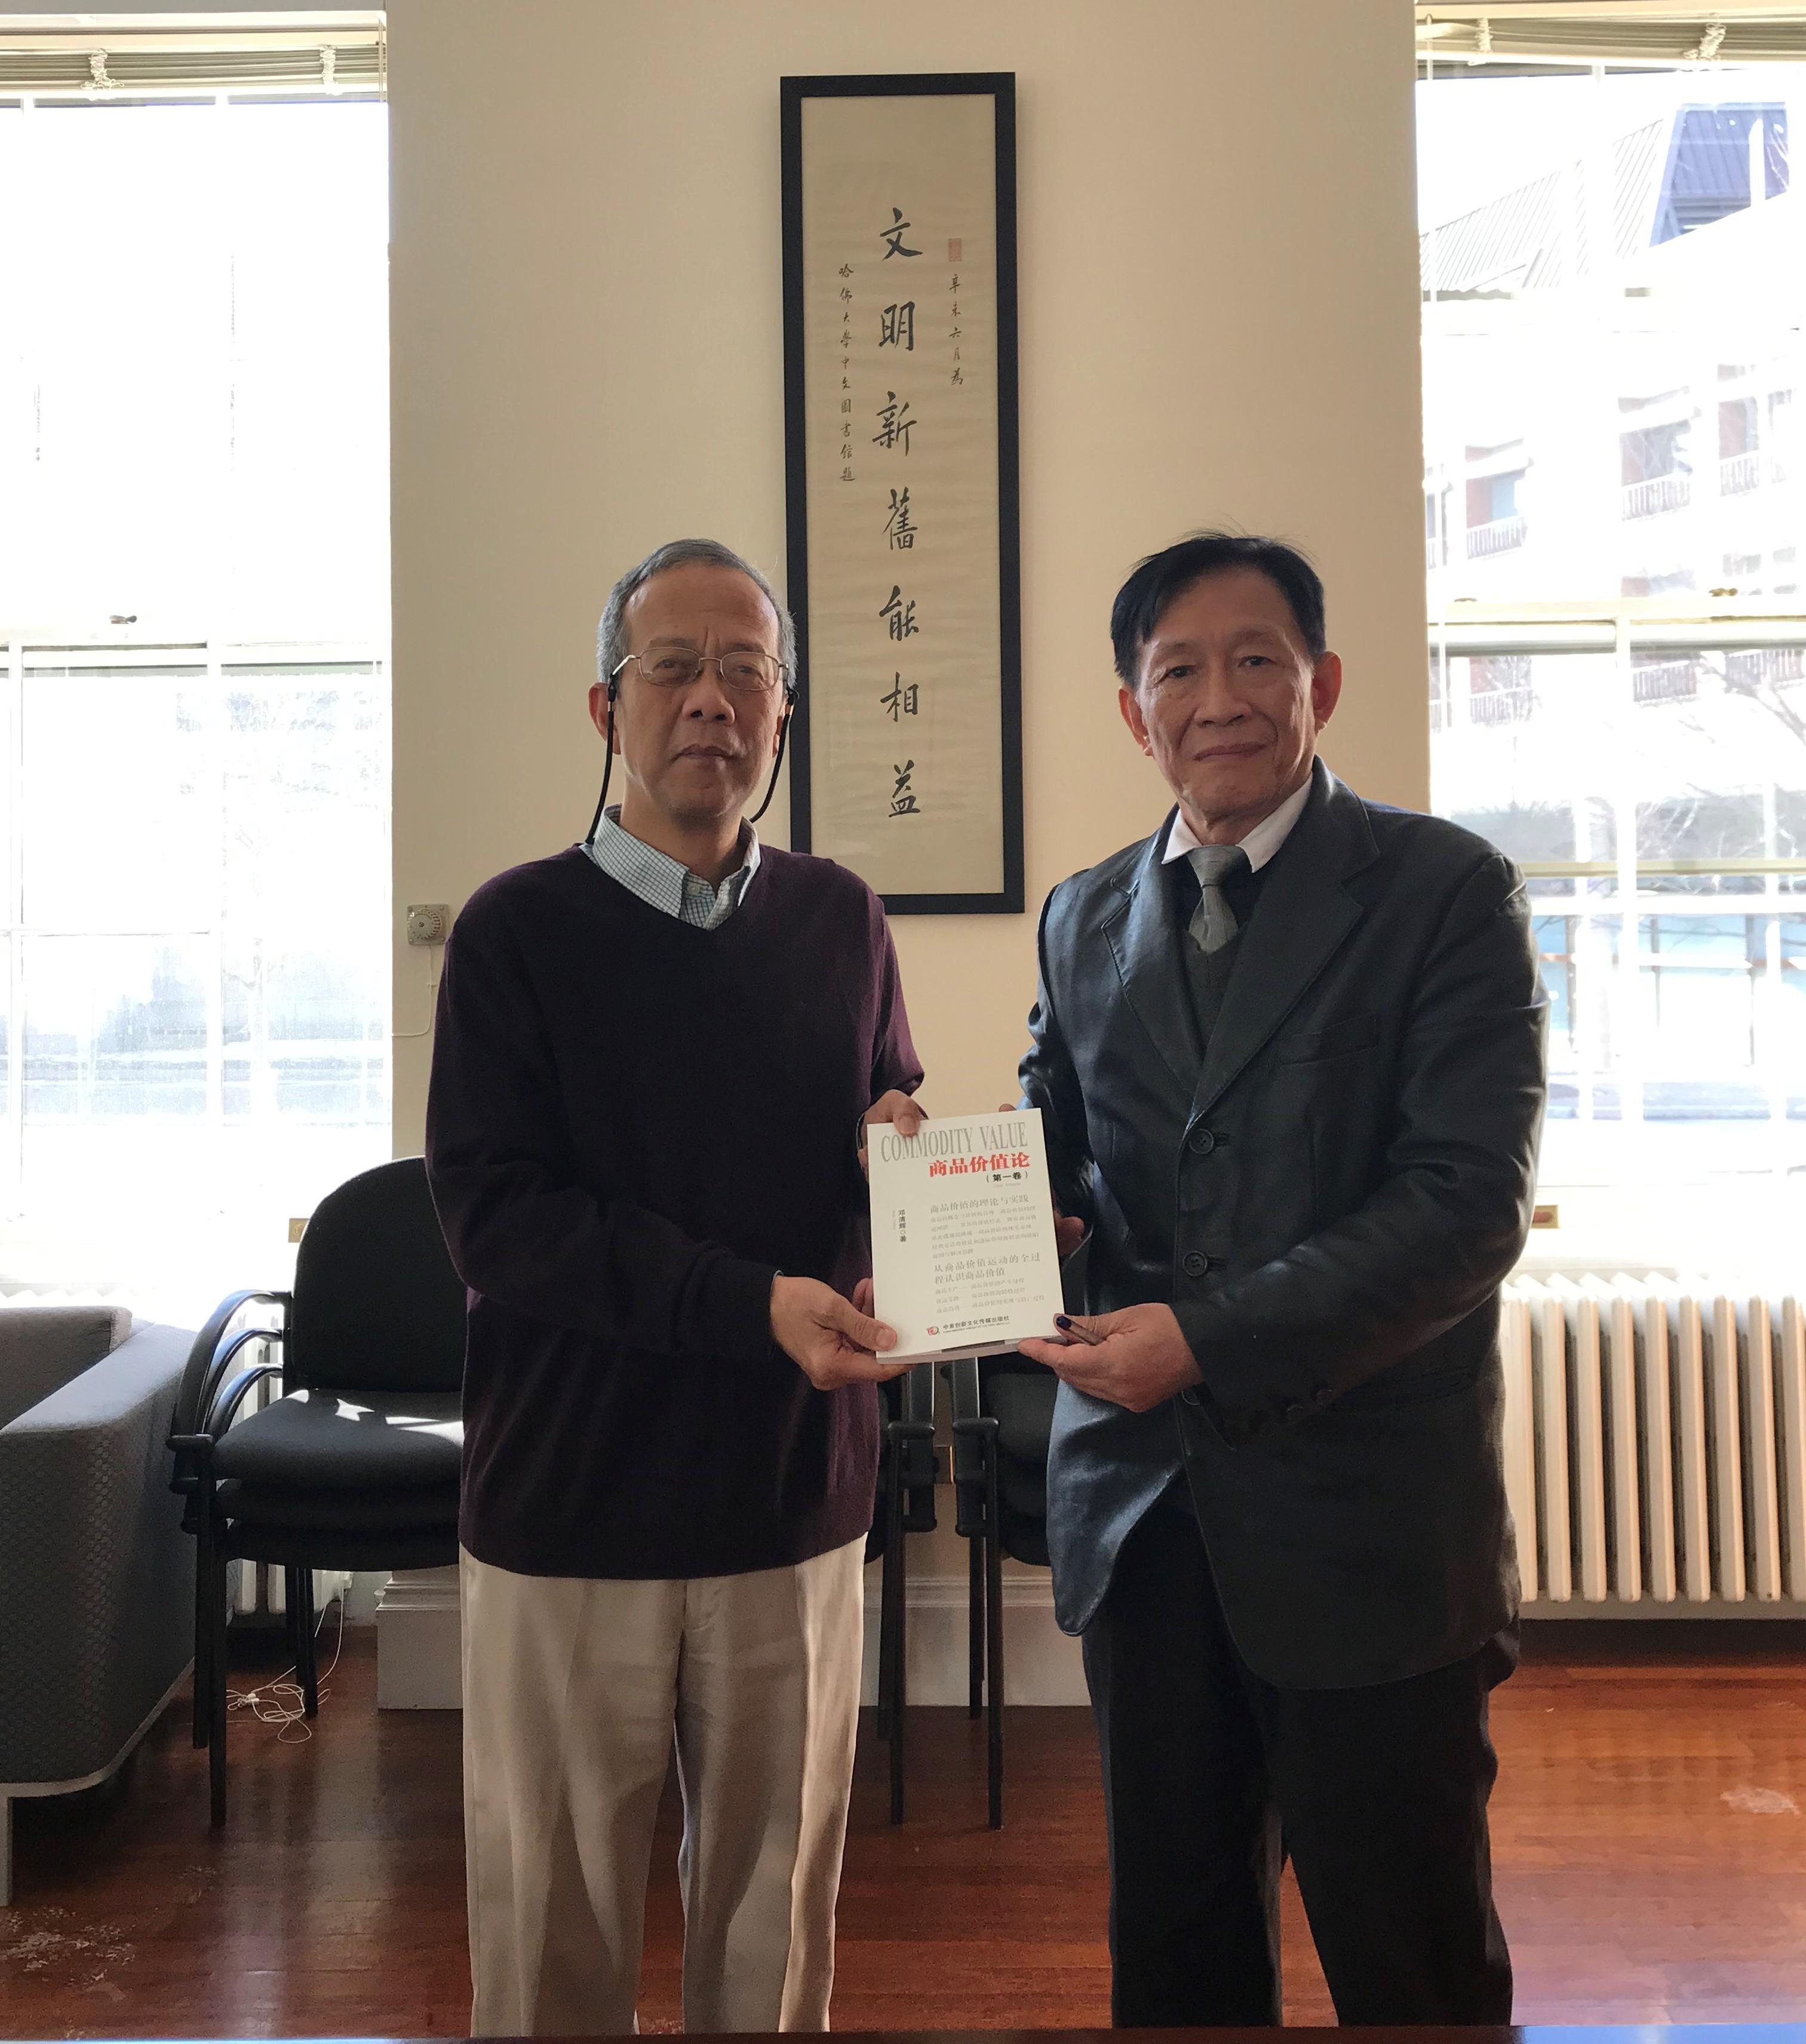 深圳企业家著作《商品价值论》被哈佛燕京图书馆收藏